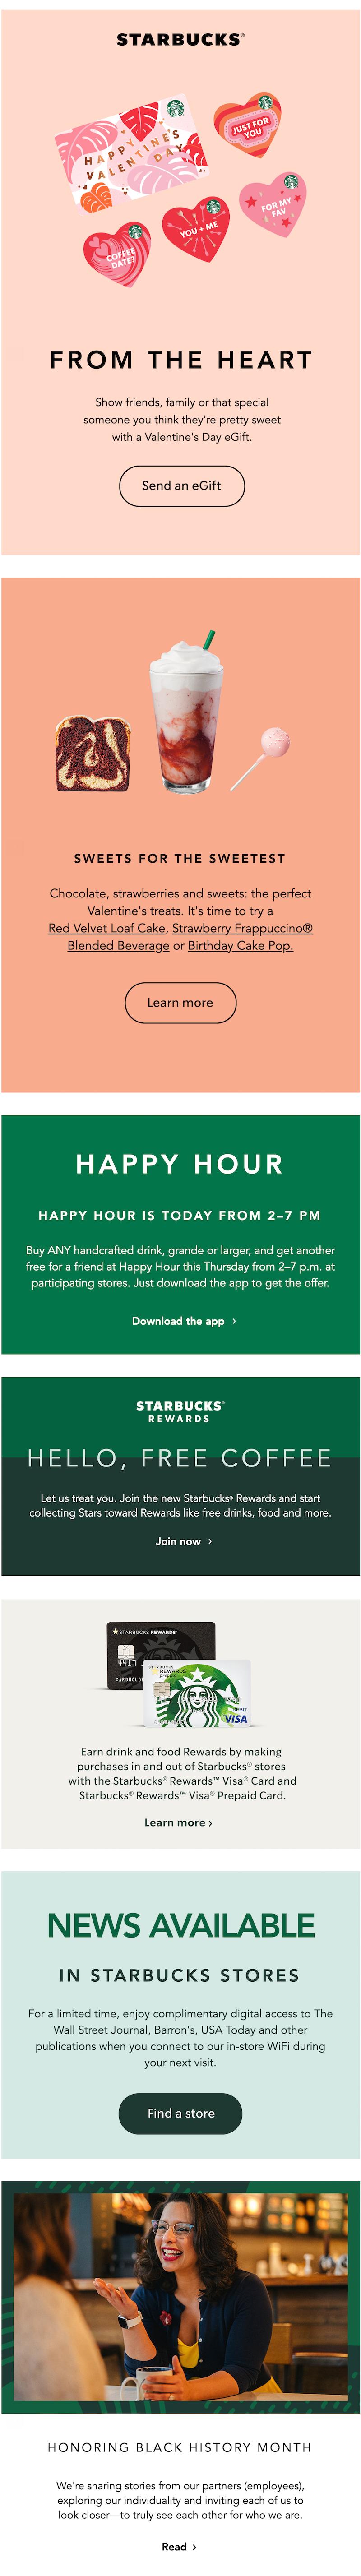 valentine's day email marketing design